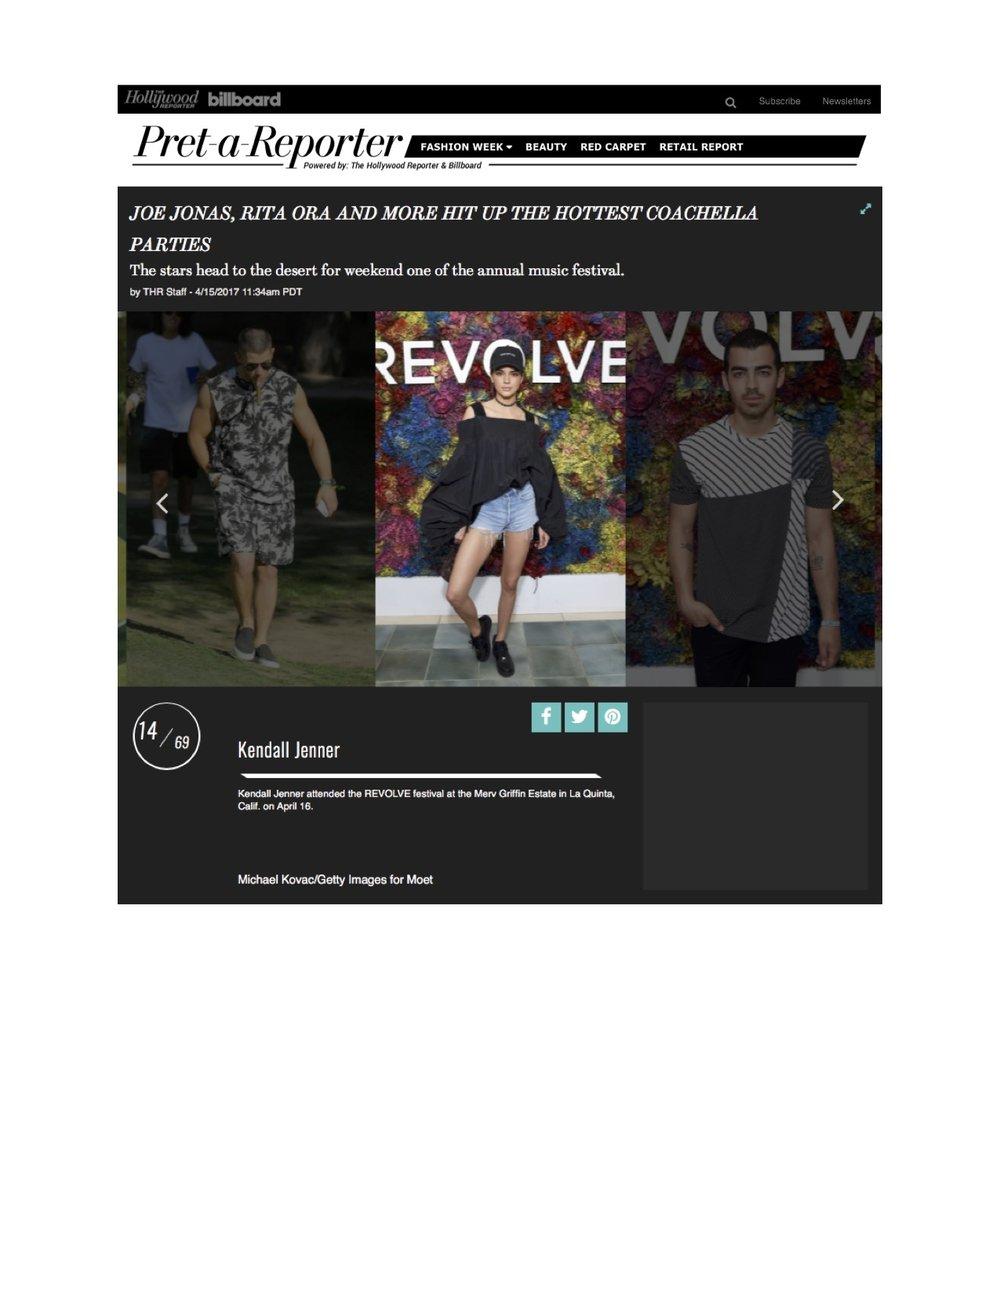 HollywoodReporter.com - Kendall Jenner - REVOLVE Festival 1.jpg